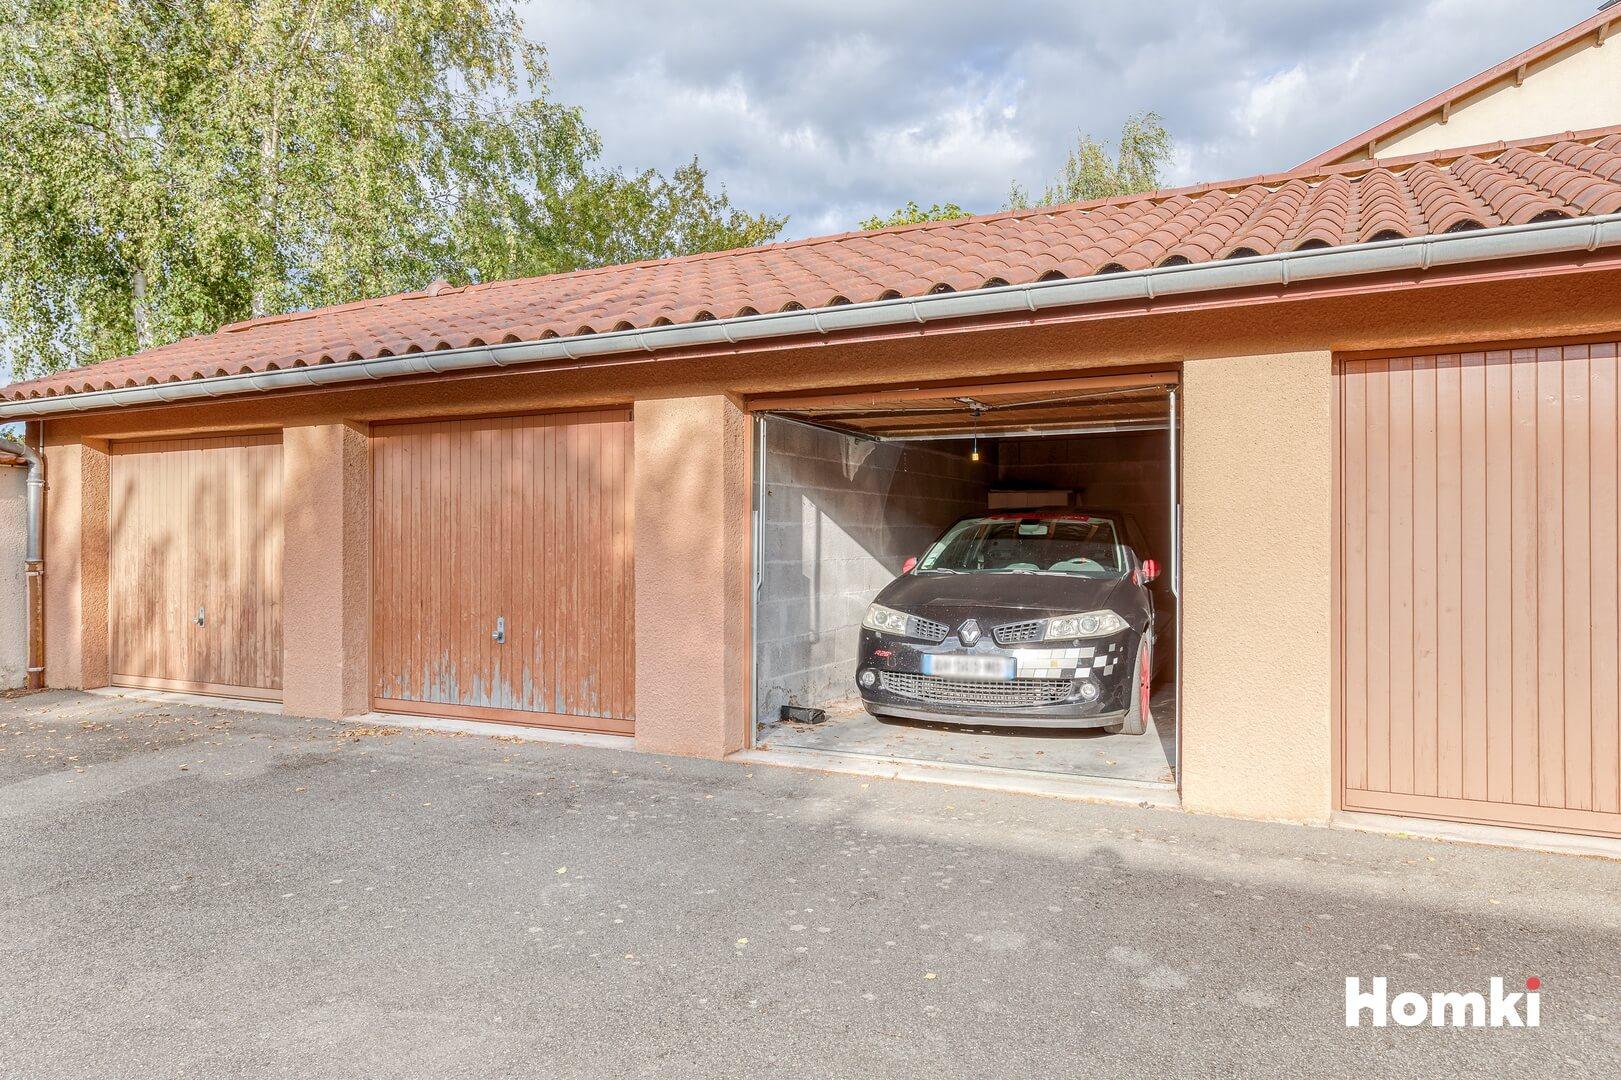 Homki - Vente Appartement  de 52.0 m² à Péronnas 01960